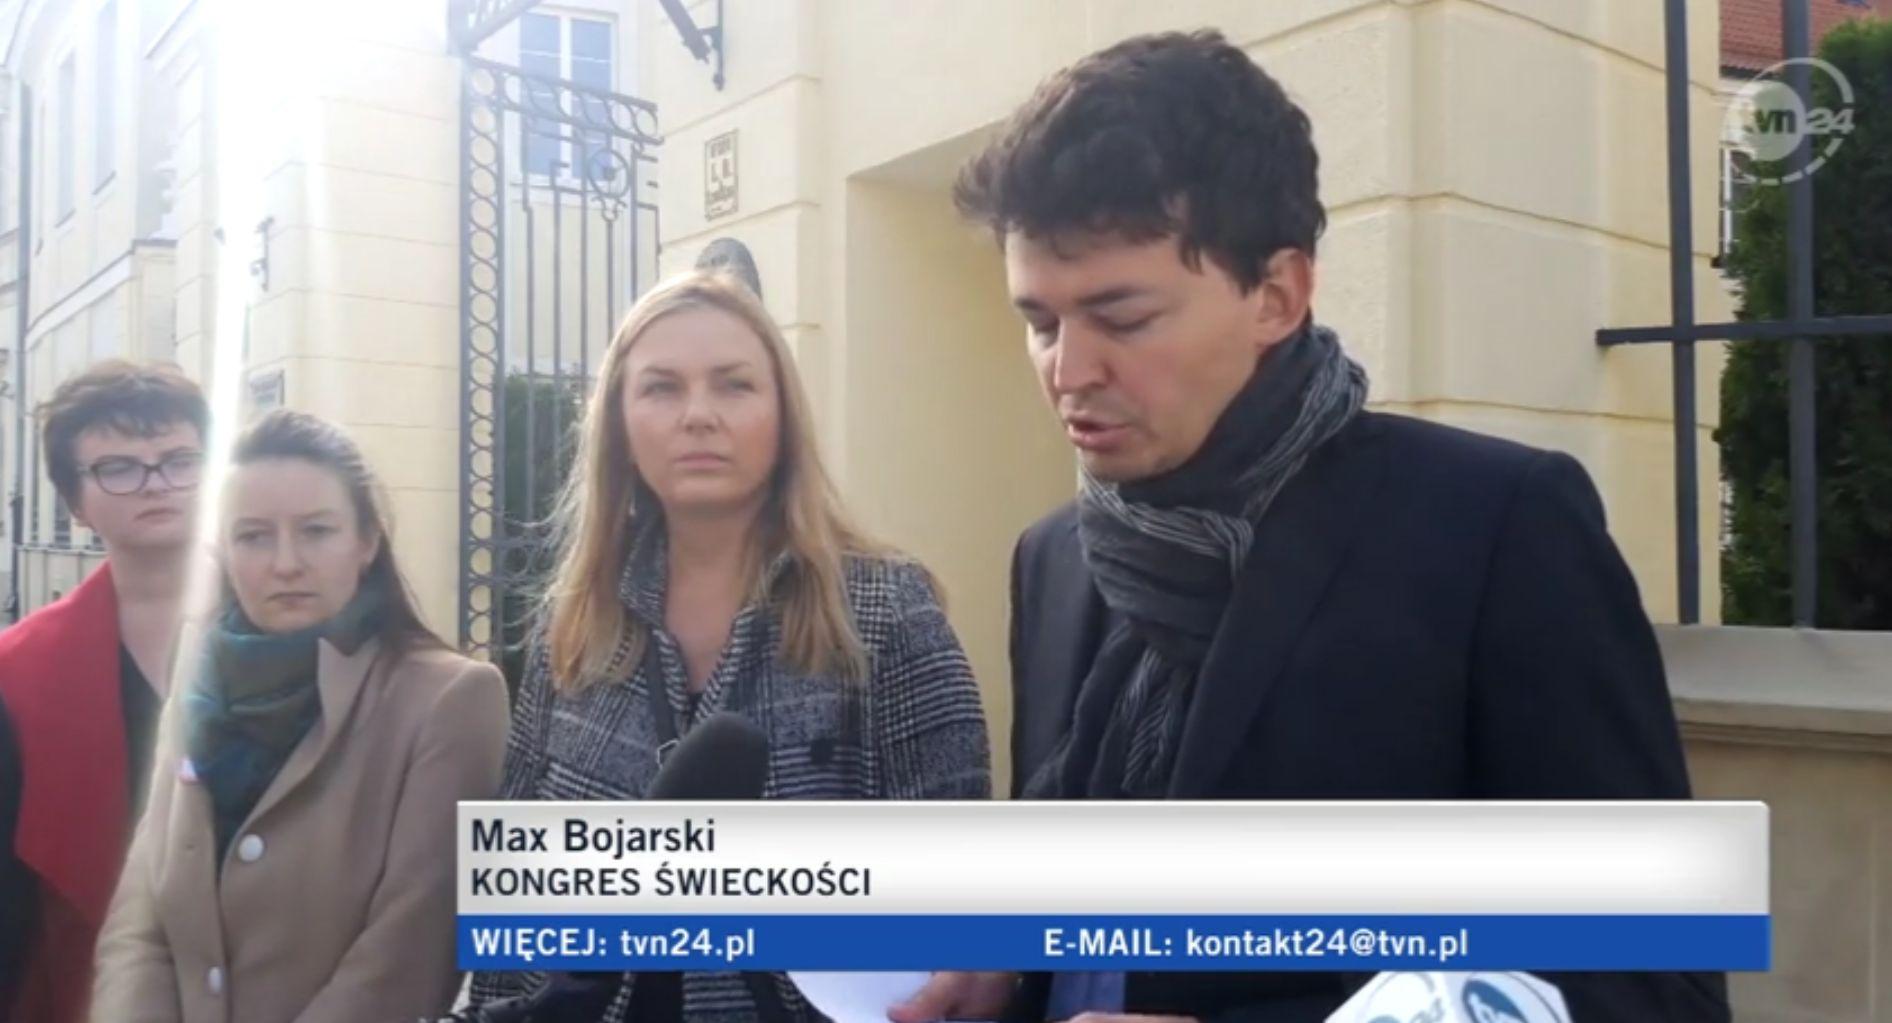 MAx Bojarski Kongres Świeckości